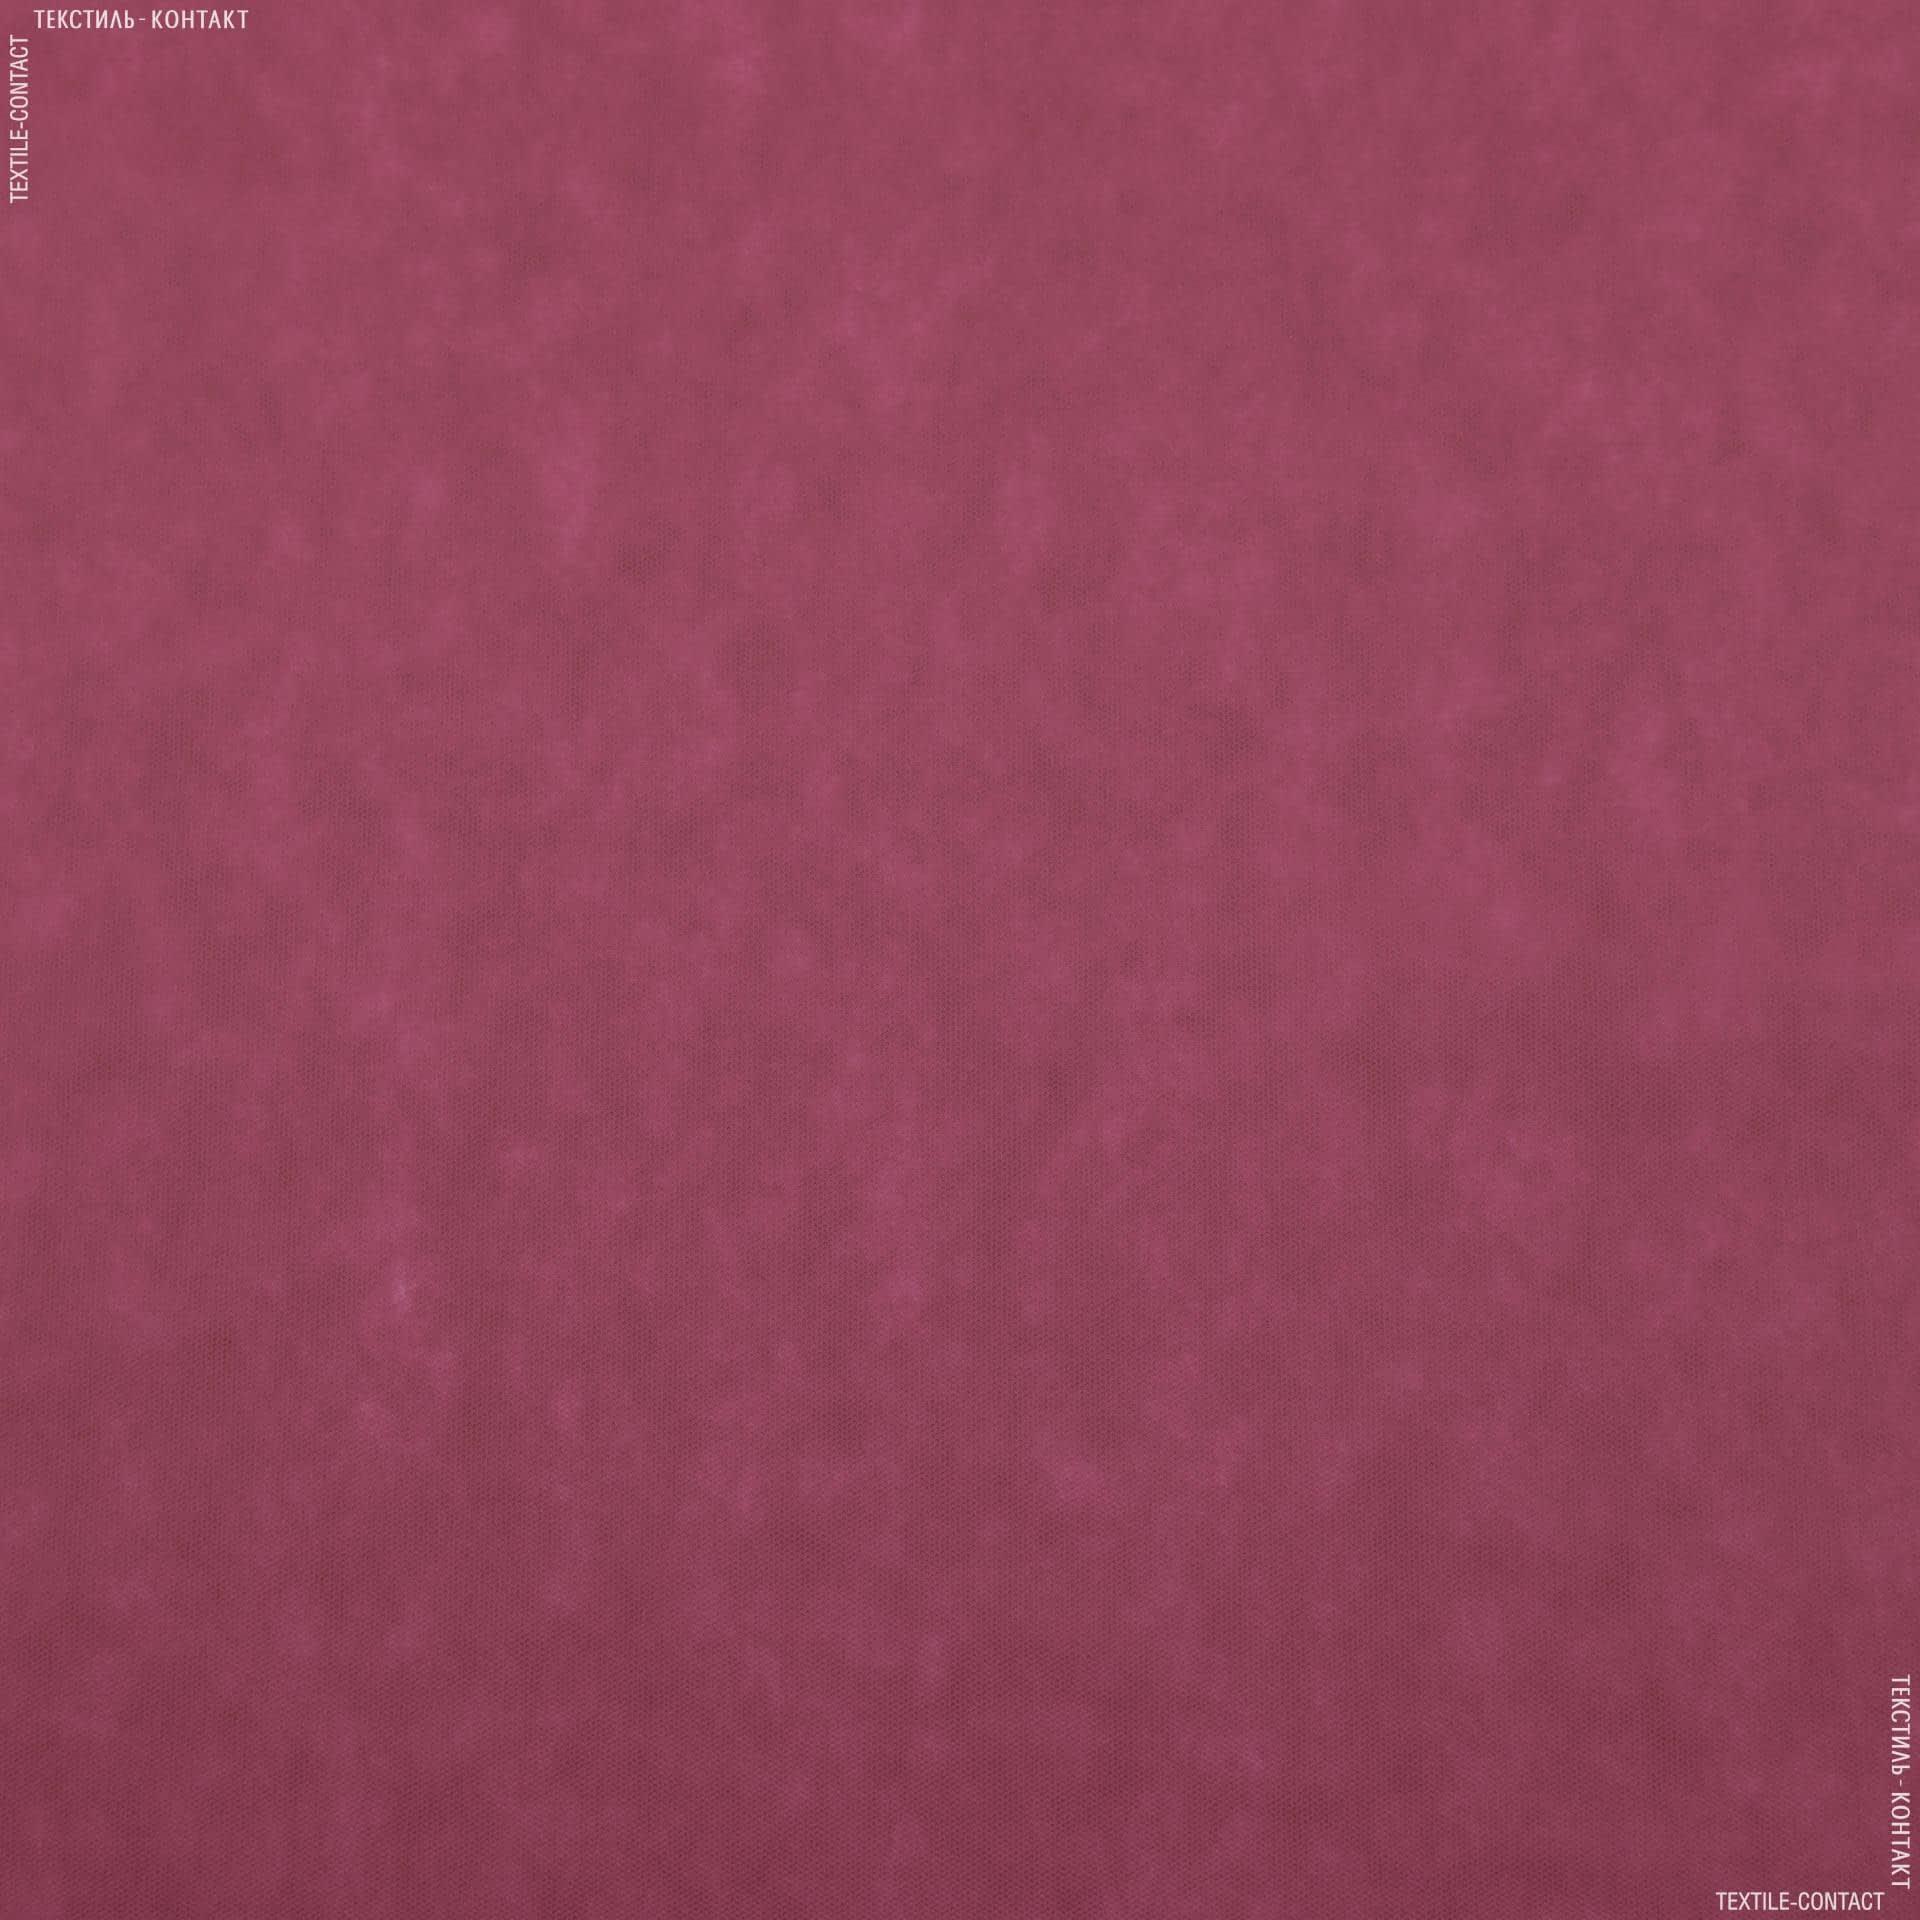 Ткани для мед. одежды - Спанбонд  50g бордовый